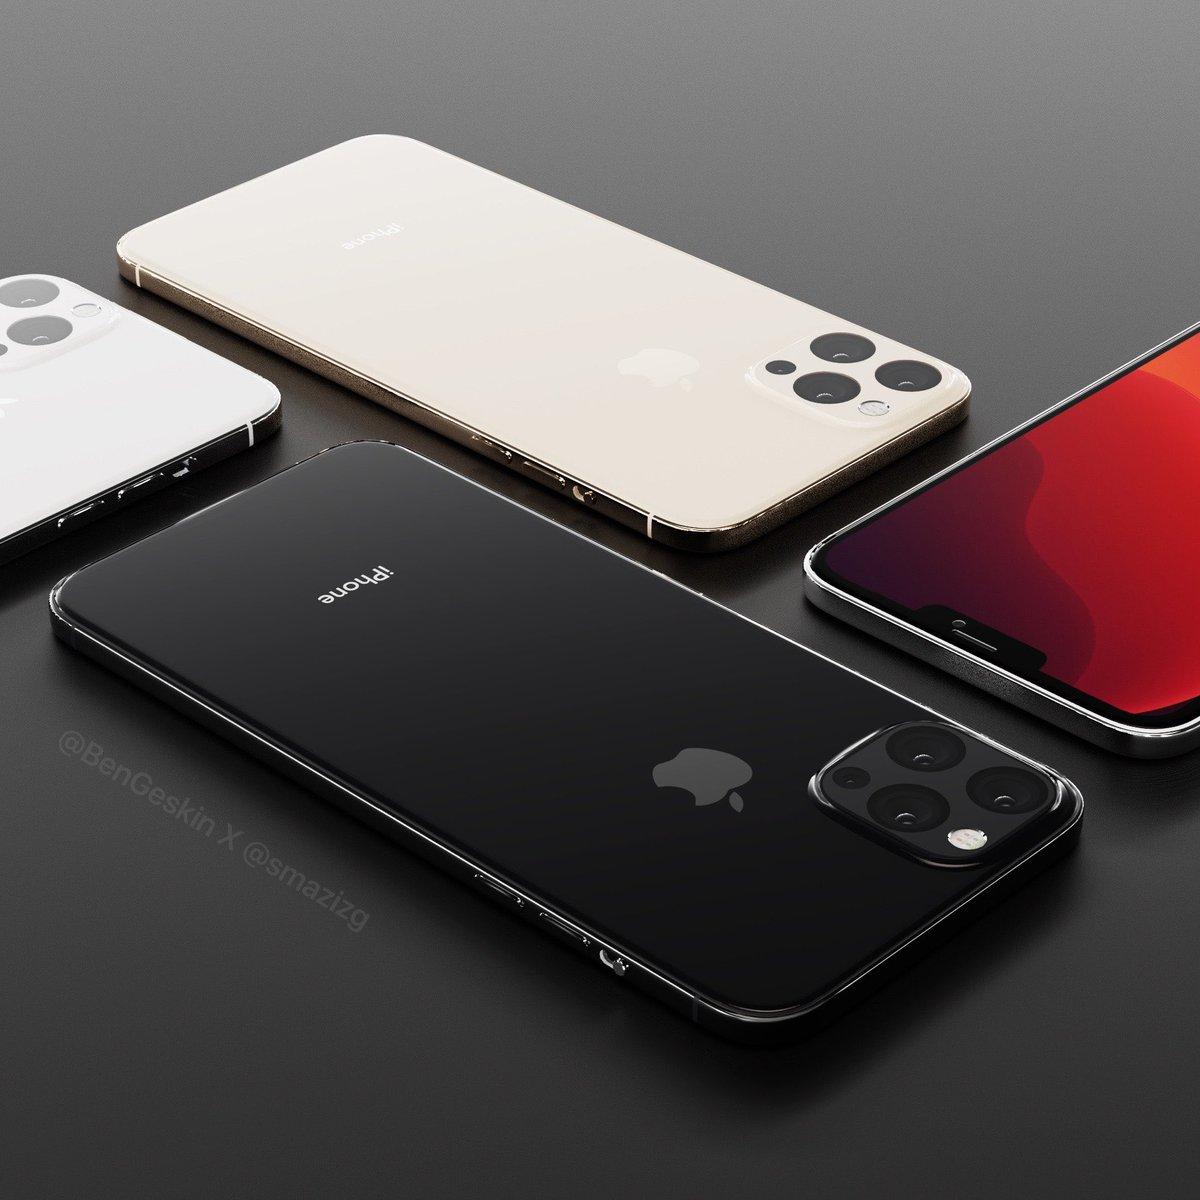 Iphone 2020 Renders Ben Geskin Img 4